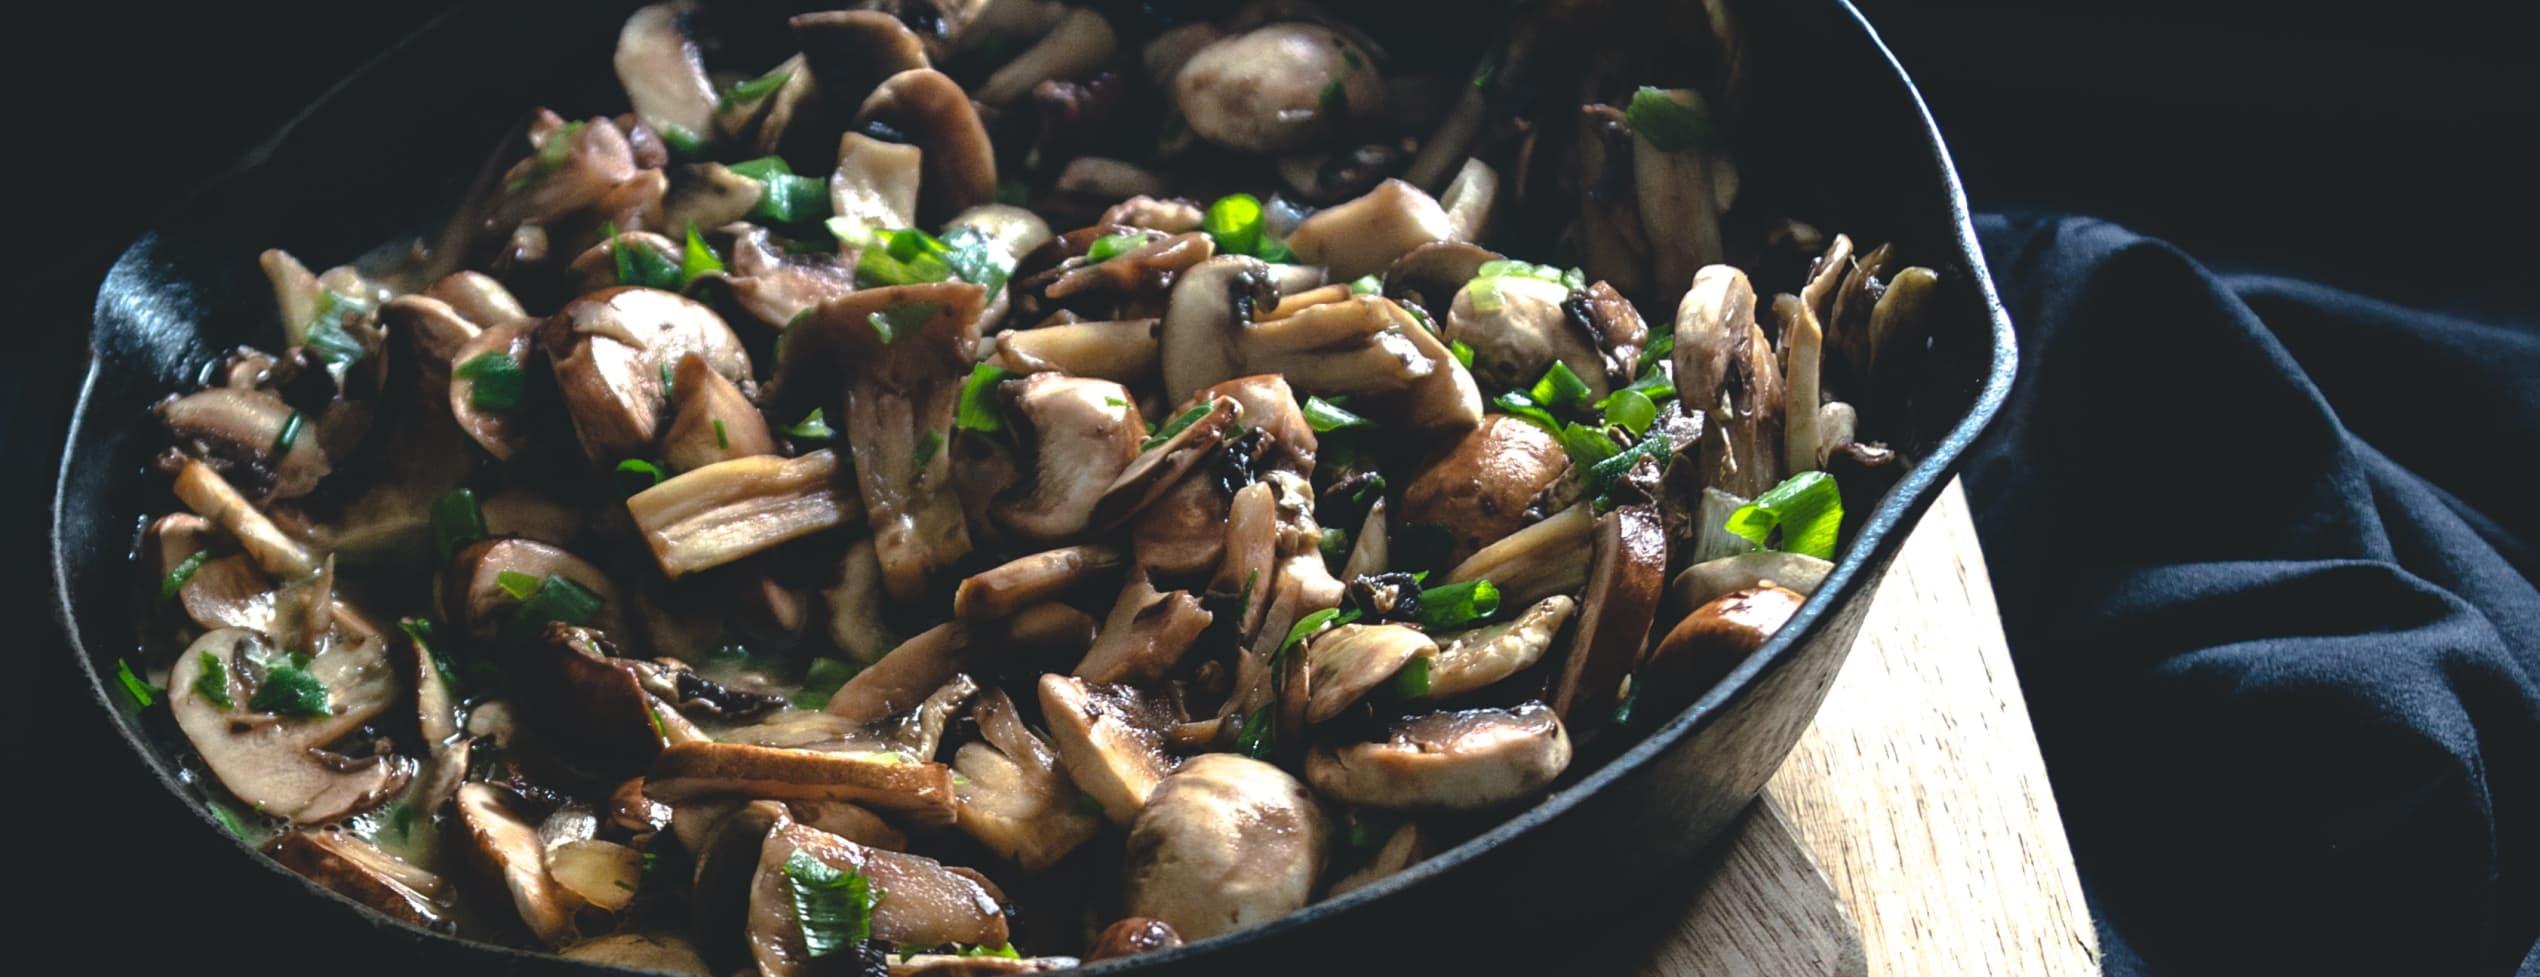 Svampsafari - plocka goda höstsvampar